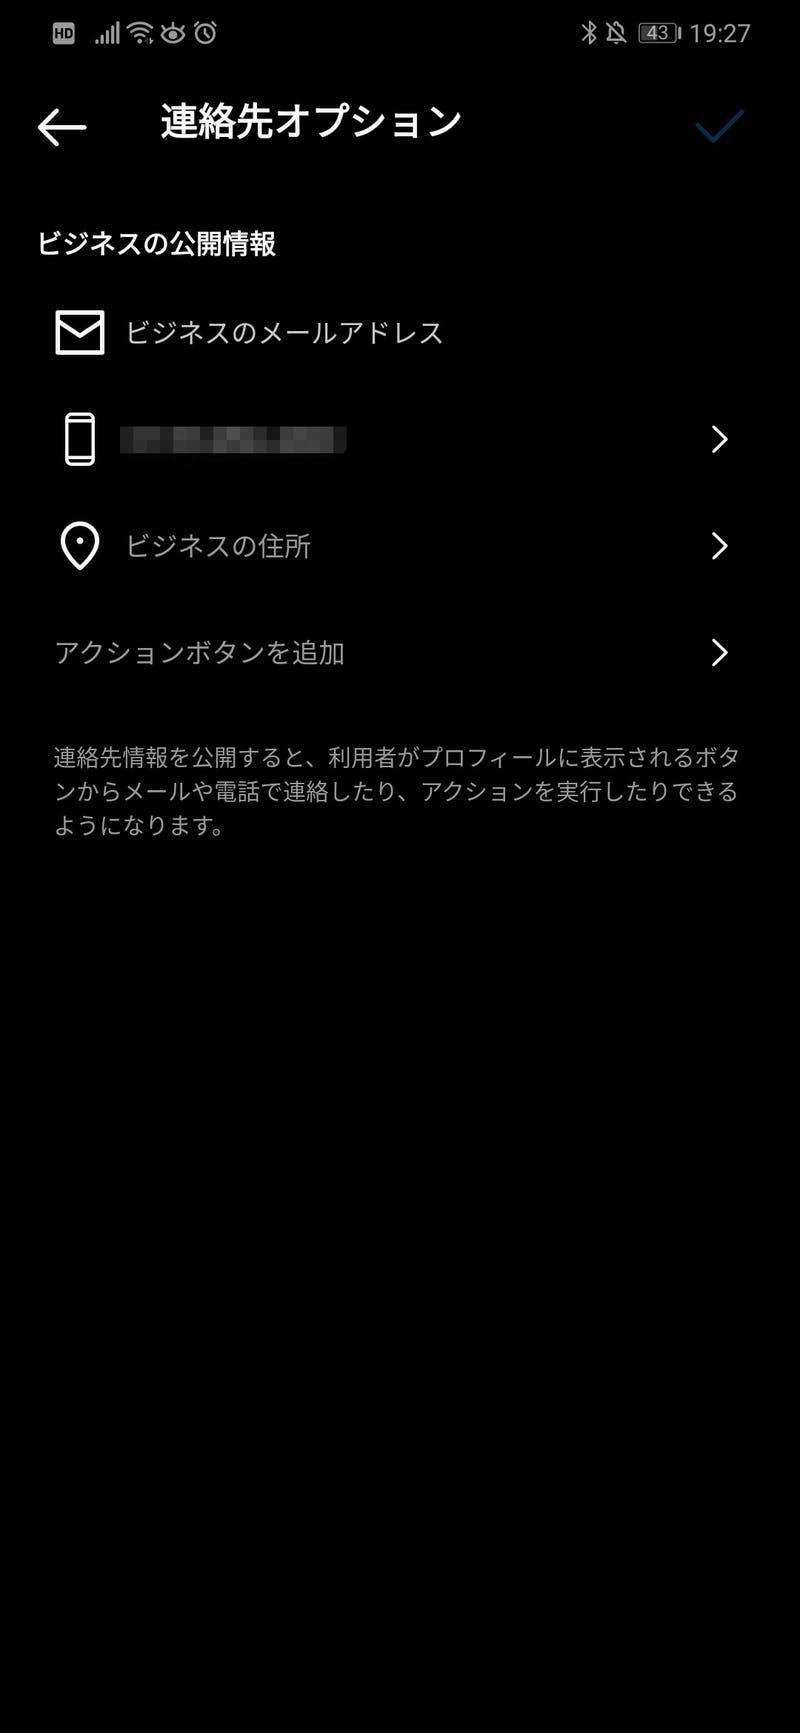 Instagram プロフィール 位置情報 載せる 方法